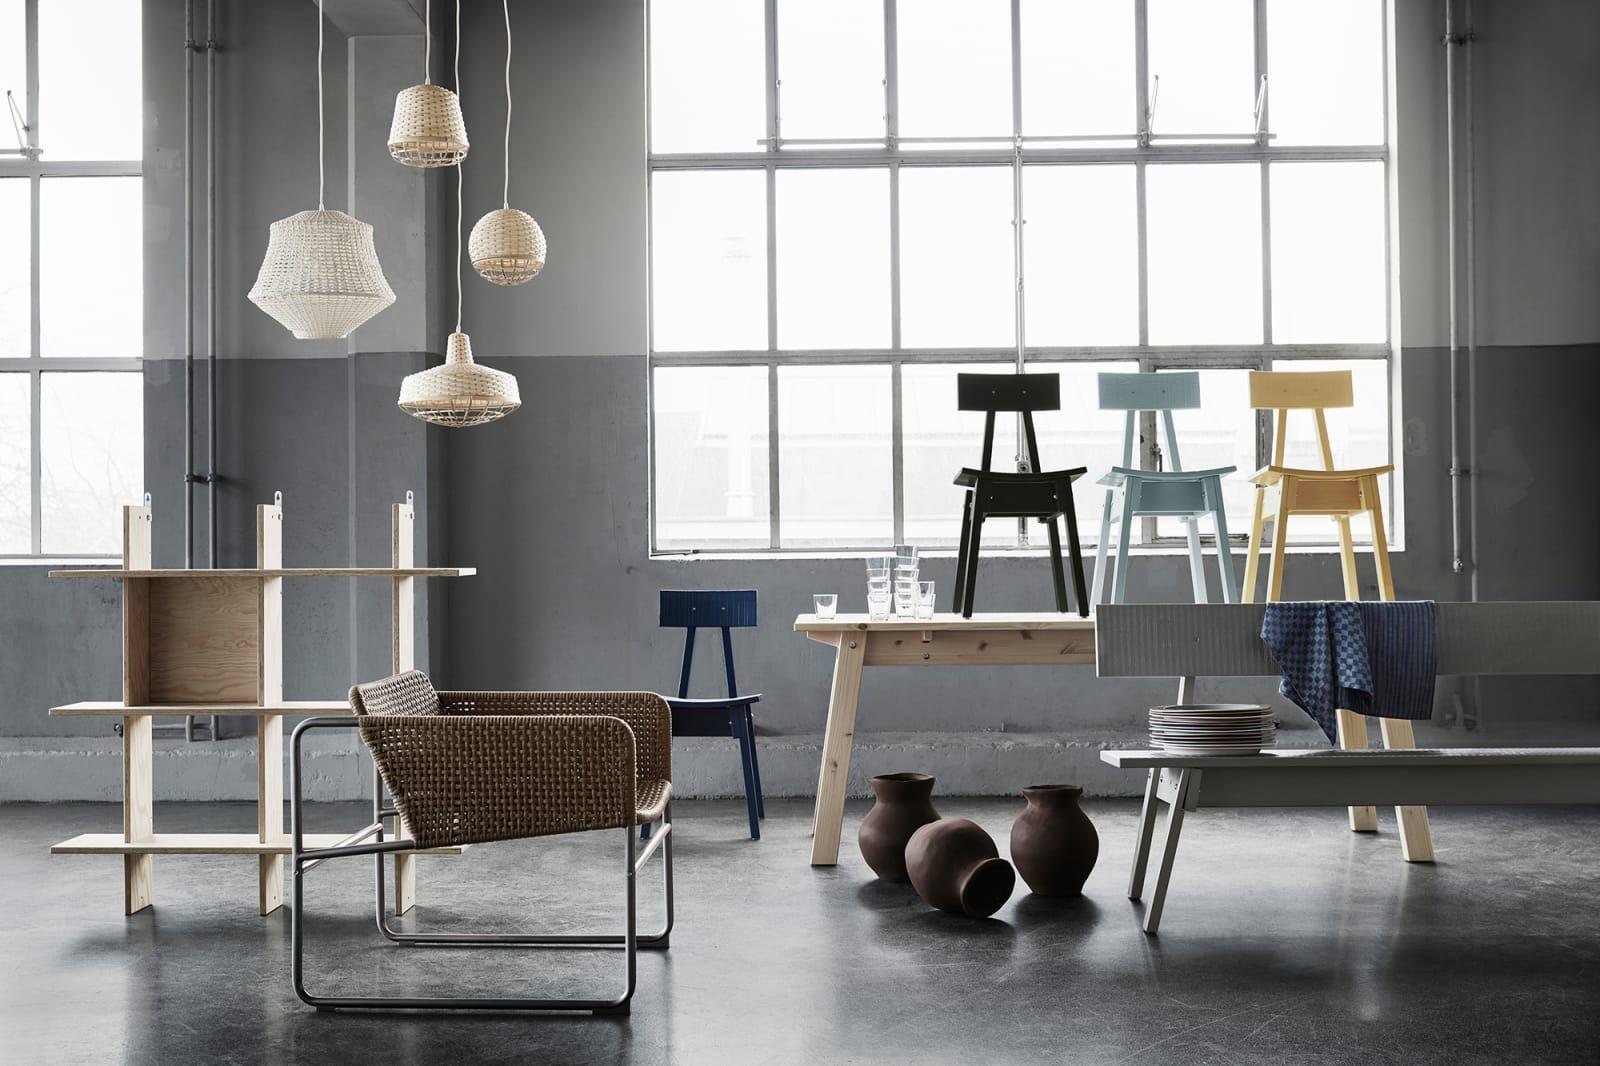 Ikea Küchenstühle ~ Piet hein eek für ikea piet hein eek